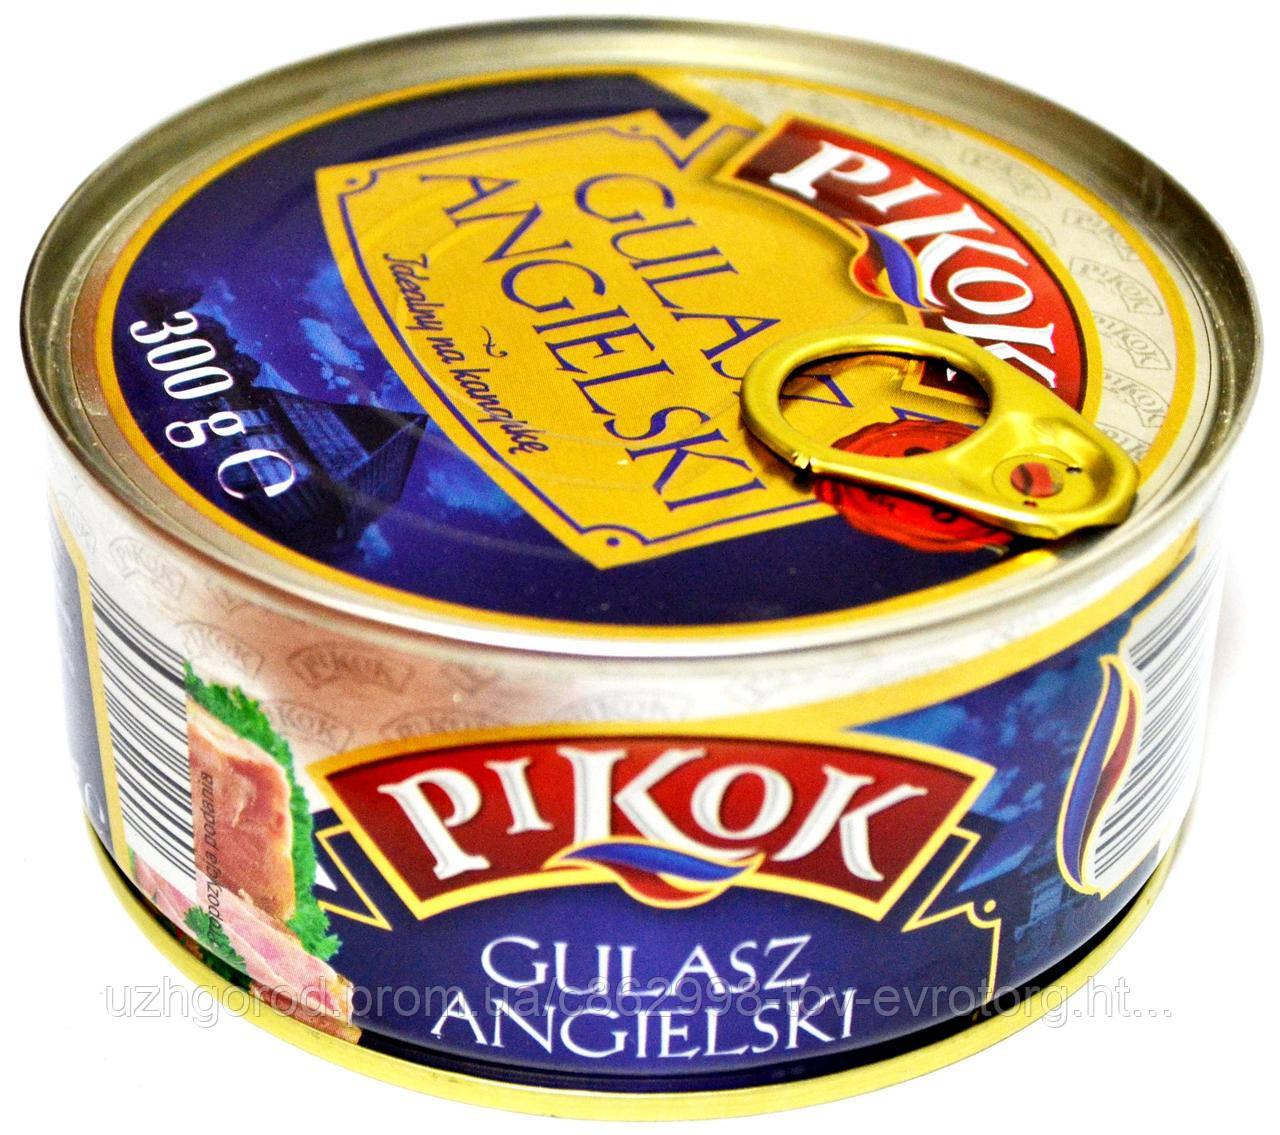 Английский гуляш - свинное мясо Pikok Gulasz Angielski 300g